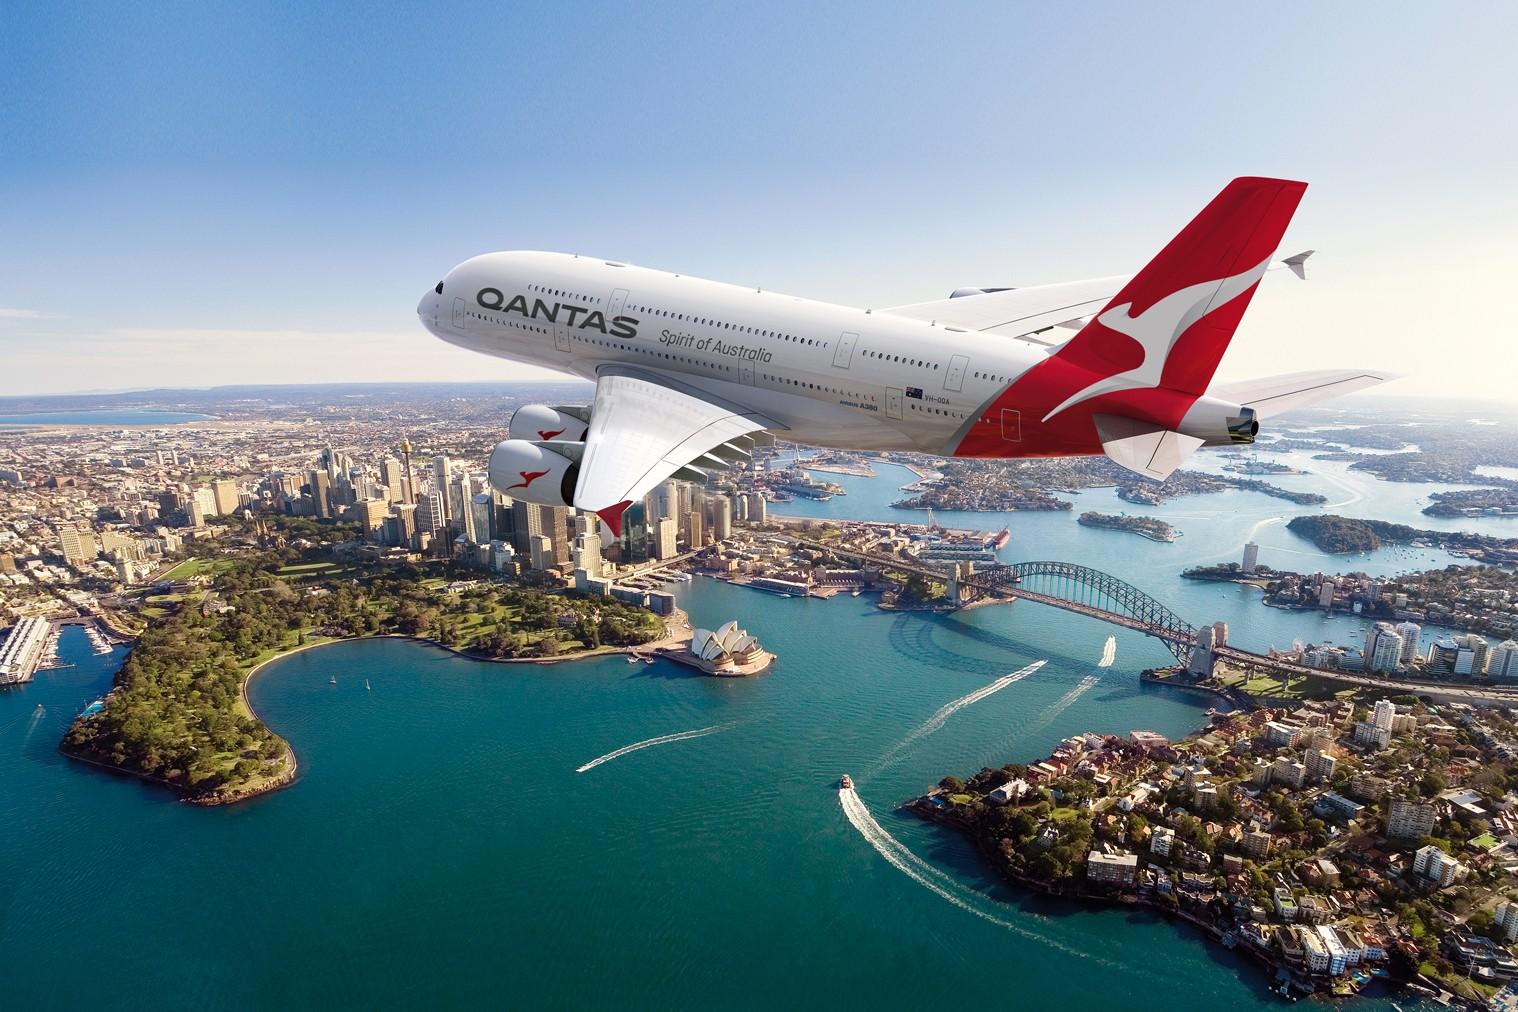 Qantas: high-flying connection between Hong Kong and